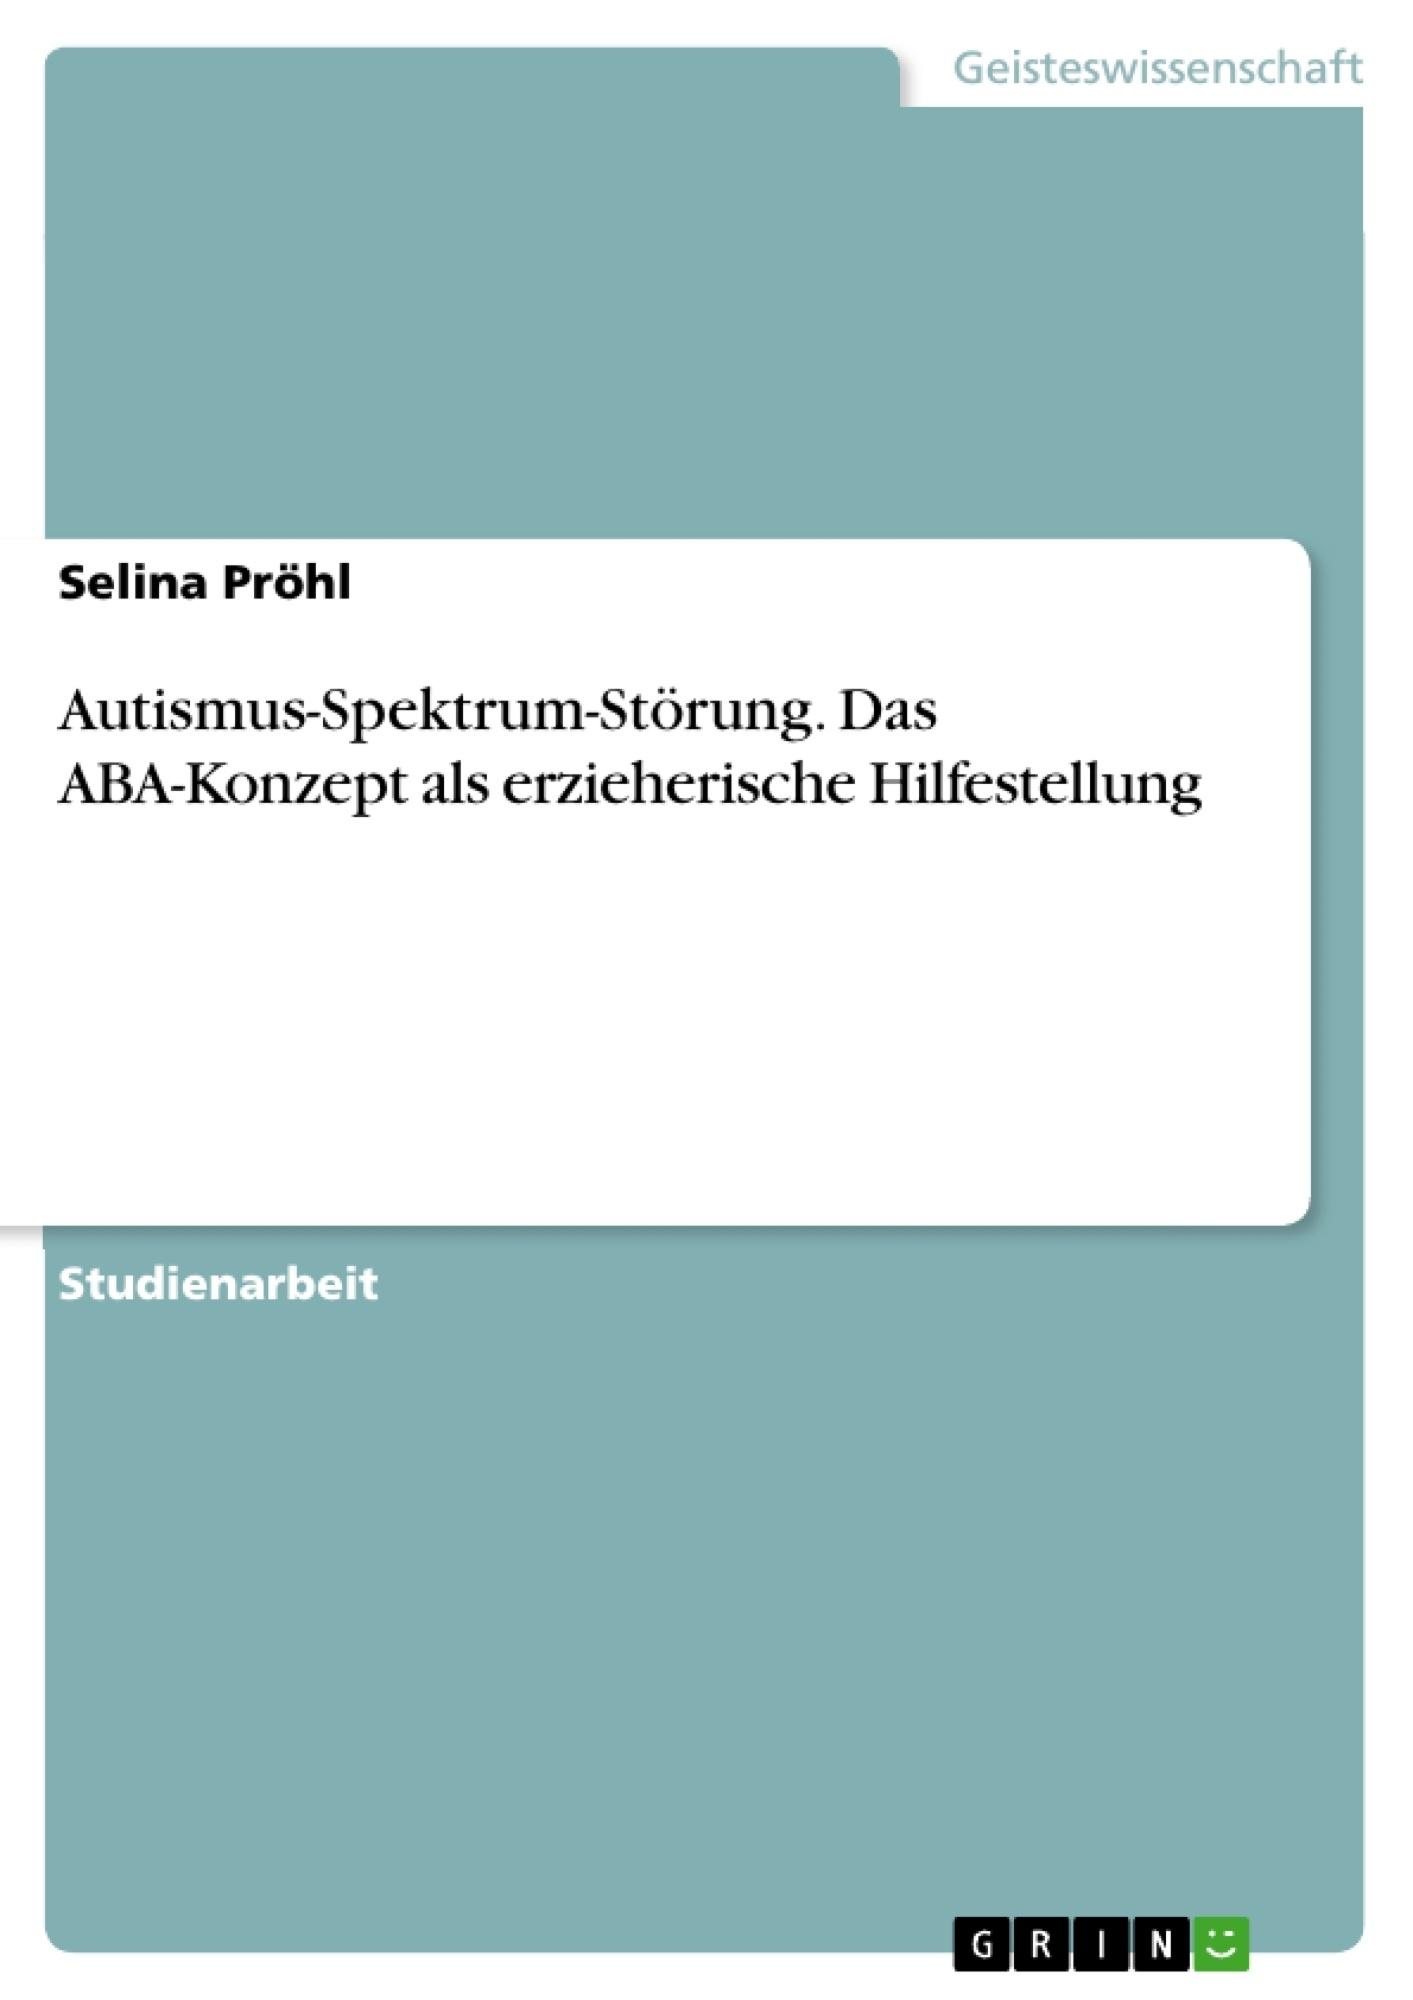 Titel: Autismus-Spektrum-Störung. Das ABA-Konzept als erzieherische Hilfestellung